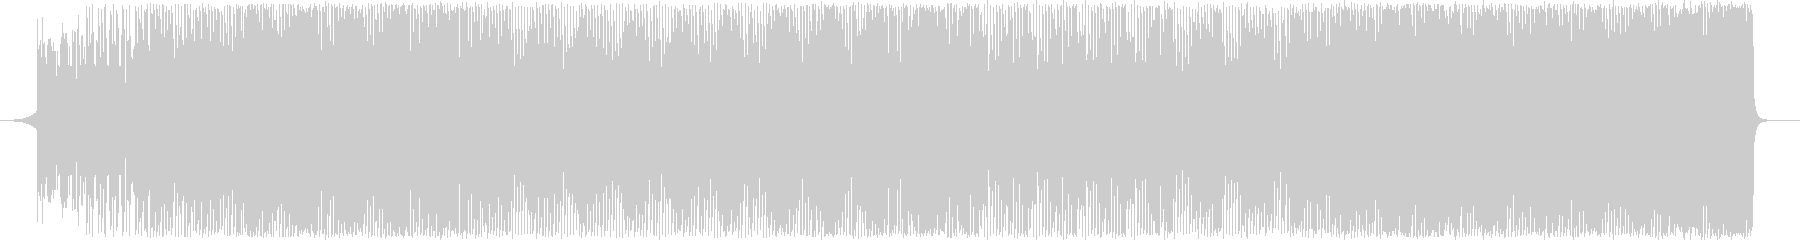 ファンクEDM-スポーツやクールなシーンの未再生の波形